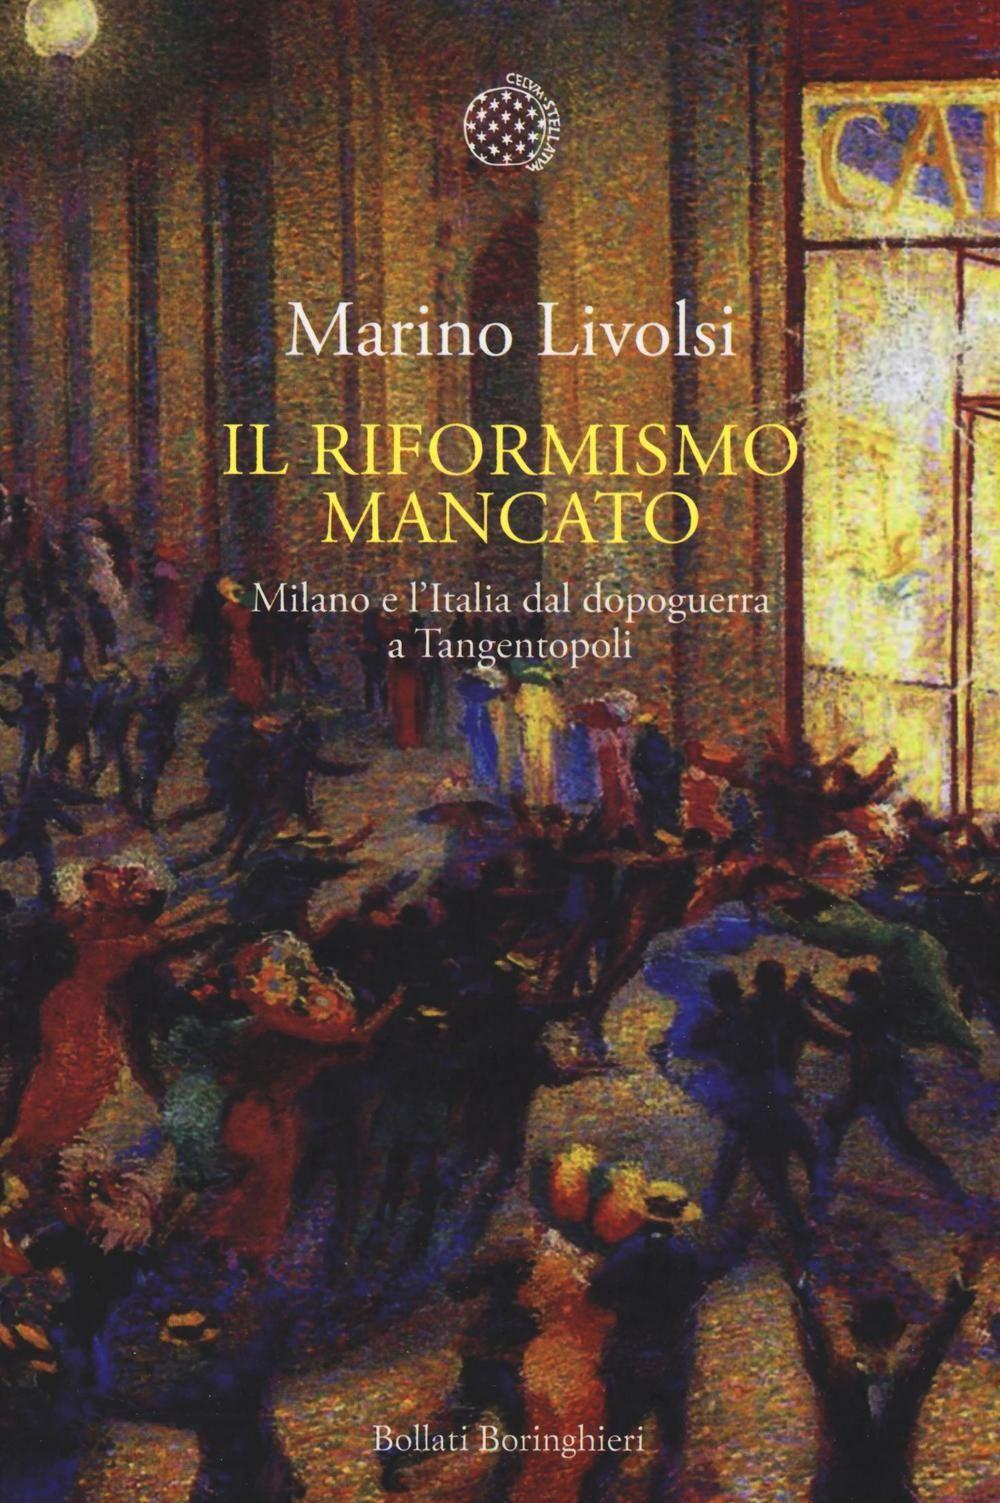 Il riformismo mancato. Milano e l'Italia dal dopogeurra a Tangentopoli